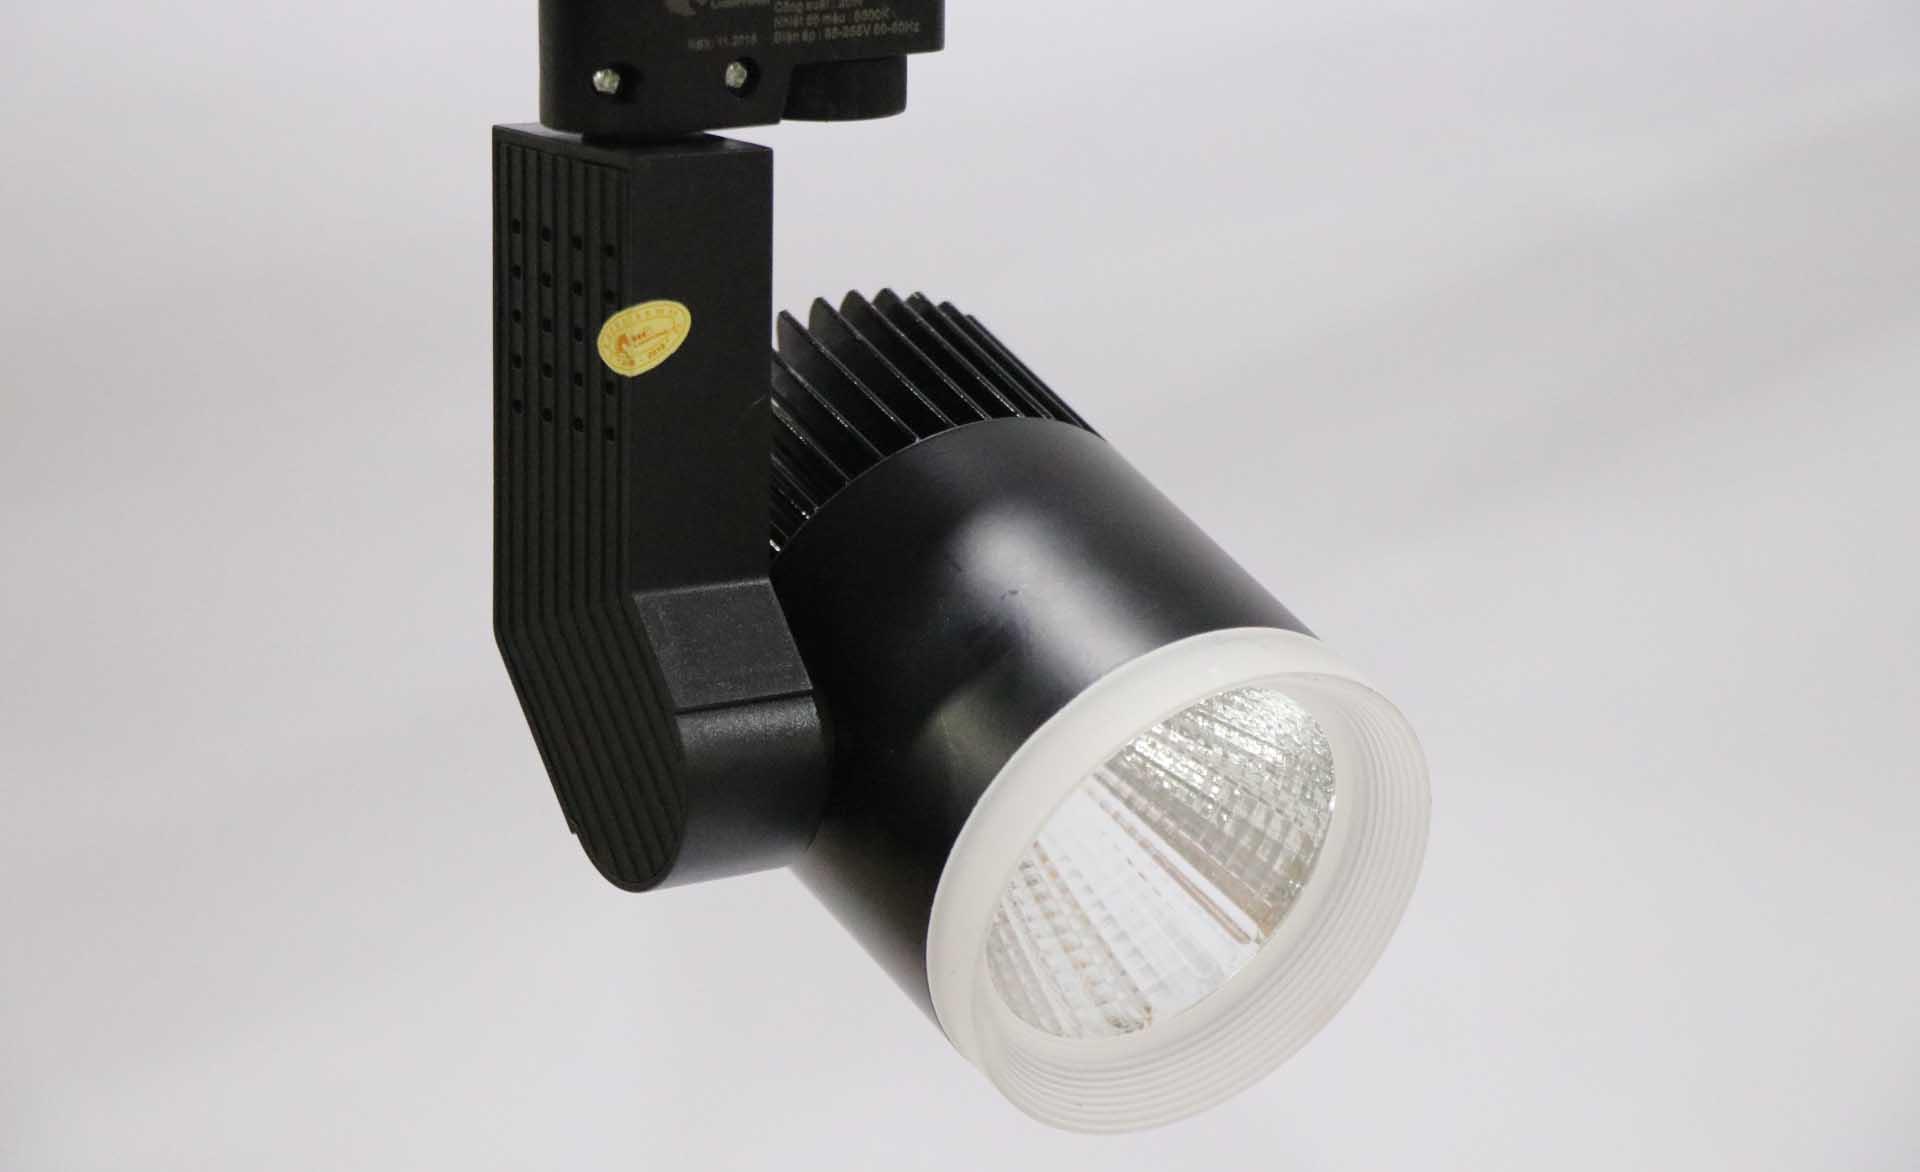 đèn rọi ray cao cấp vỏ đen